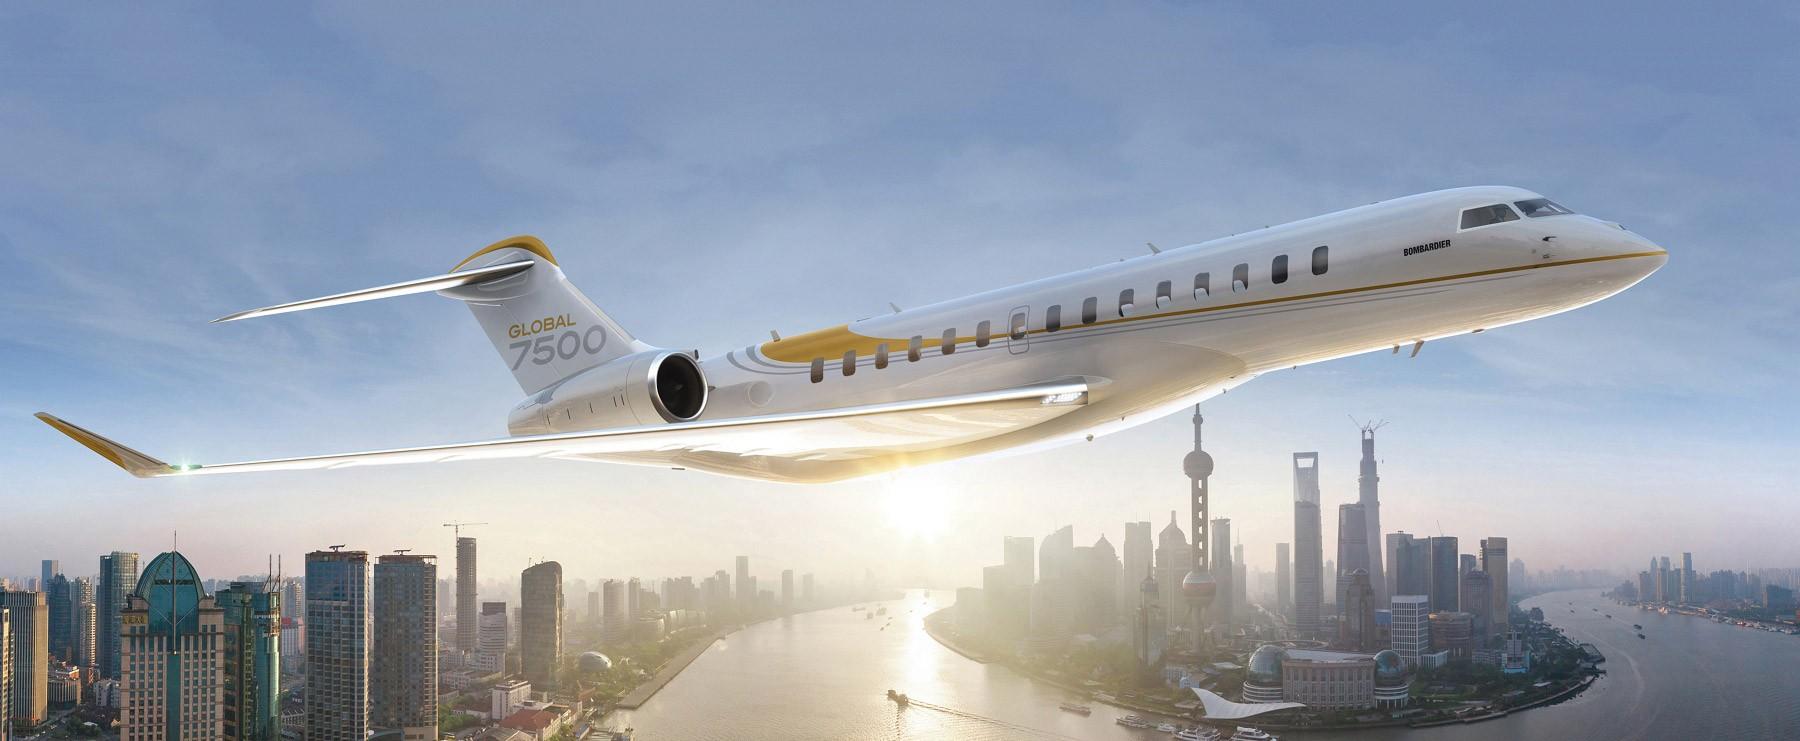 Global 7500 in flight